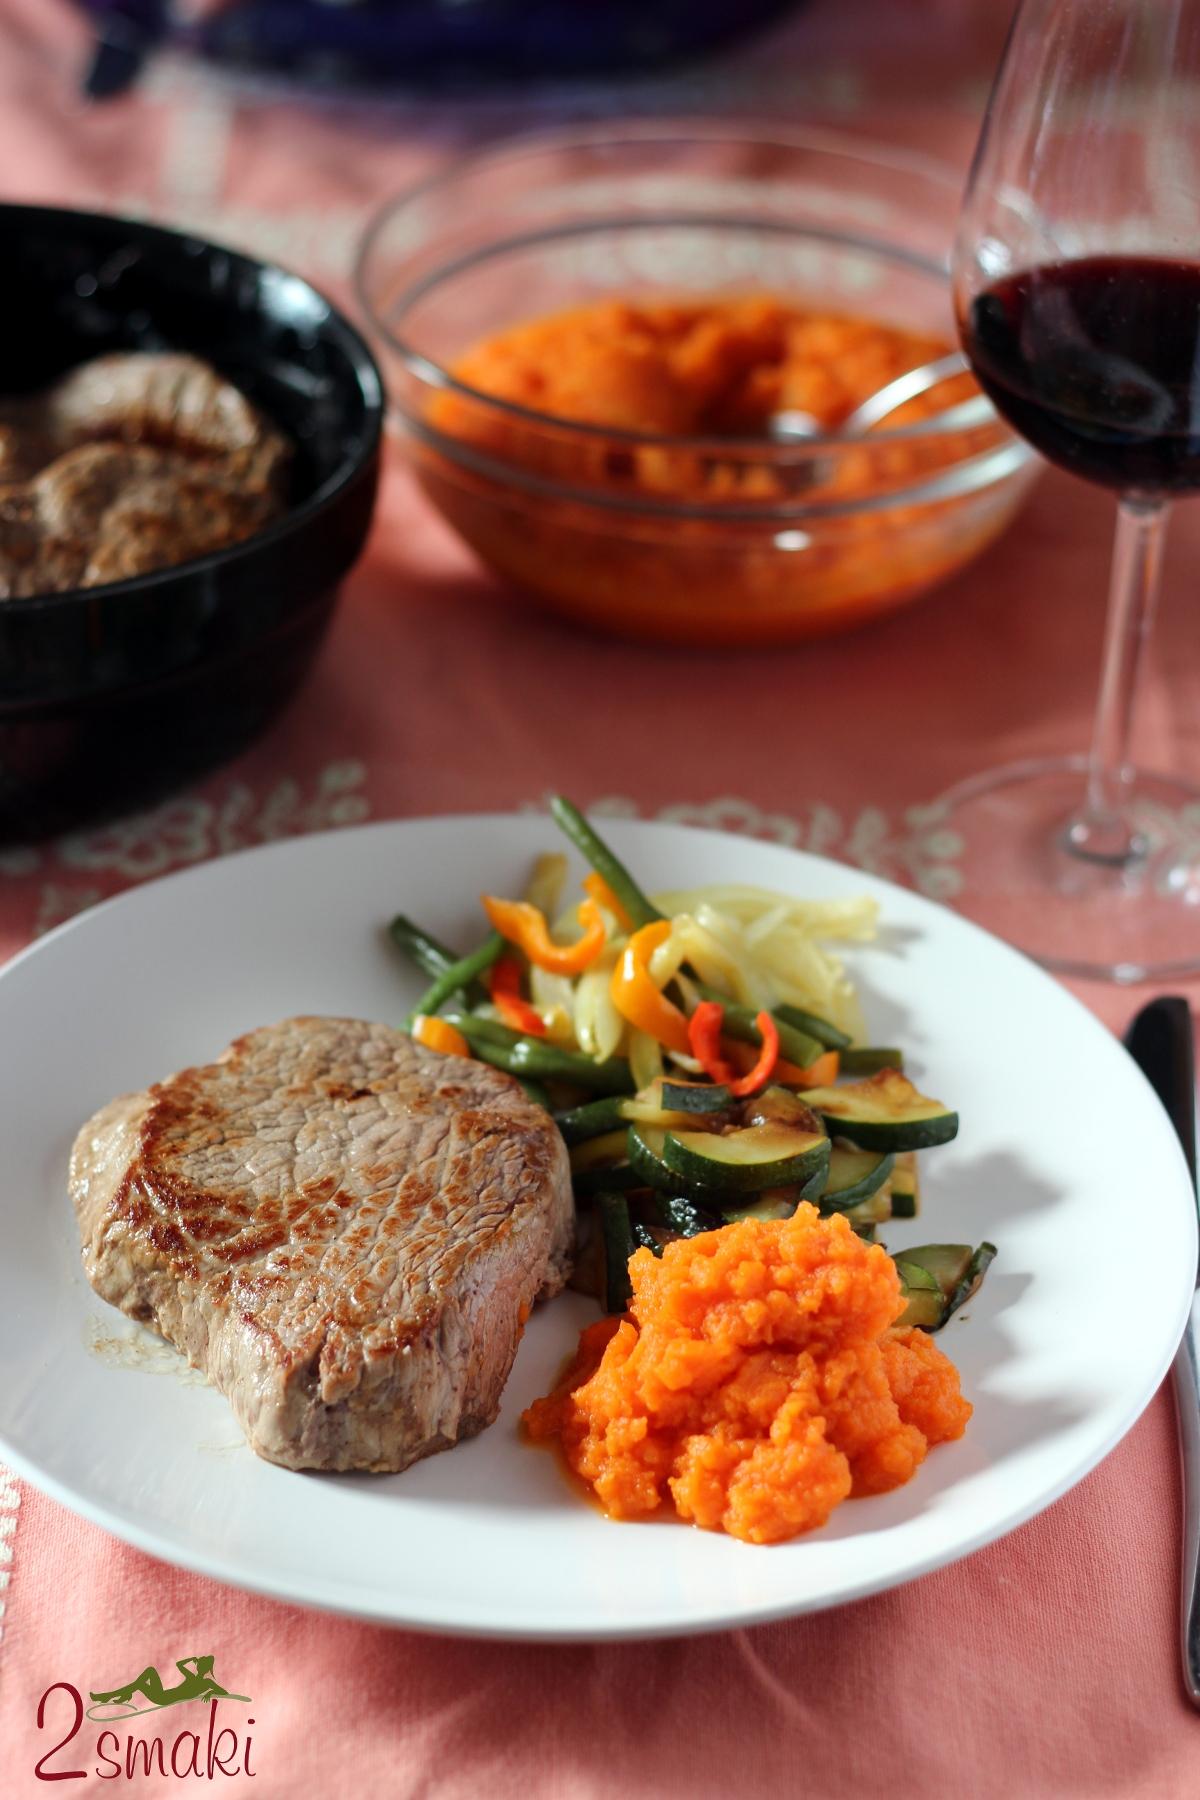 Steki z puree z marchwi i chrupiącymi warzywami 0